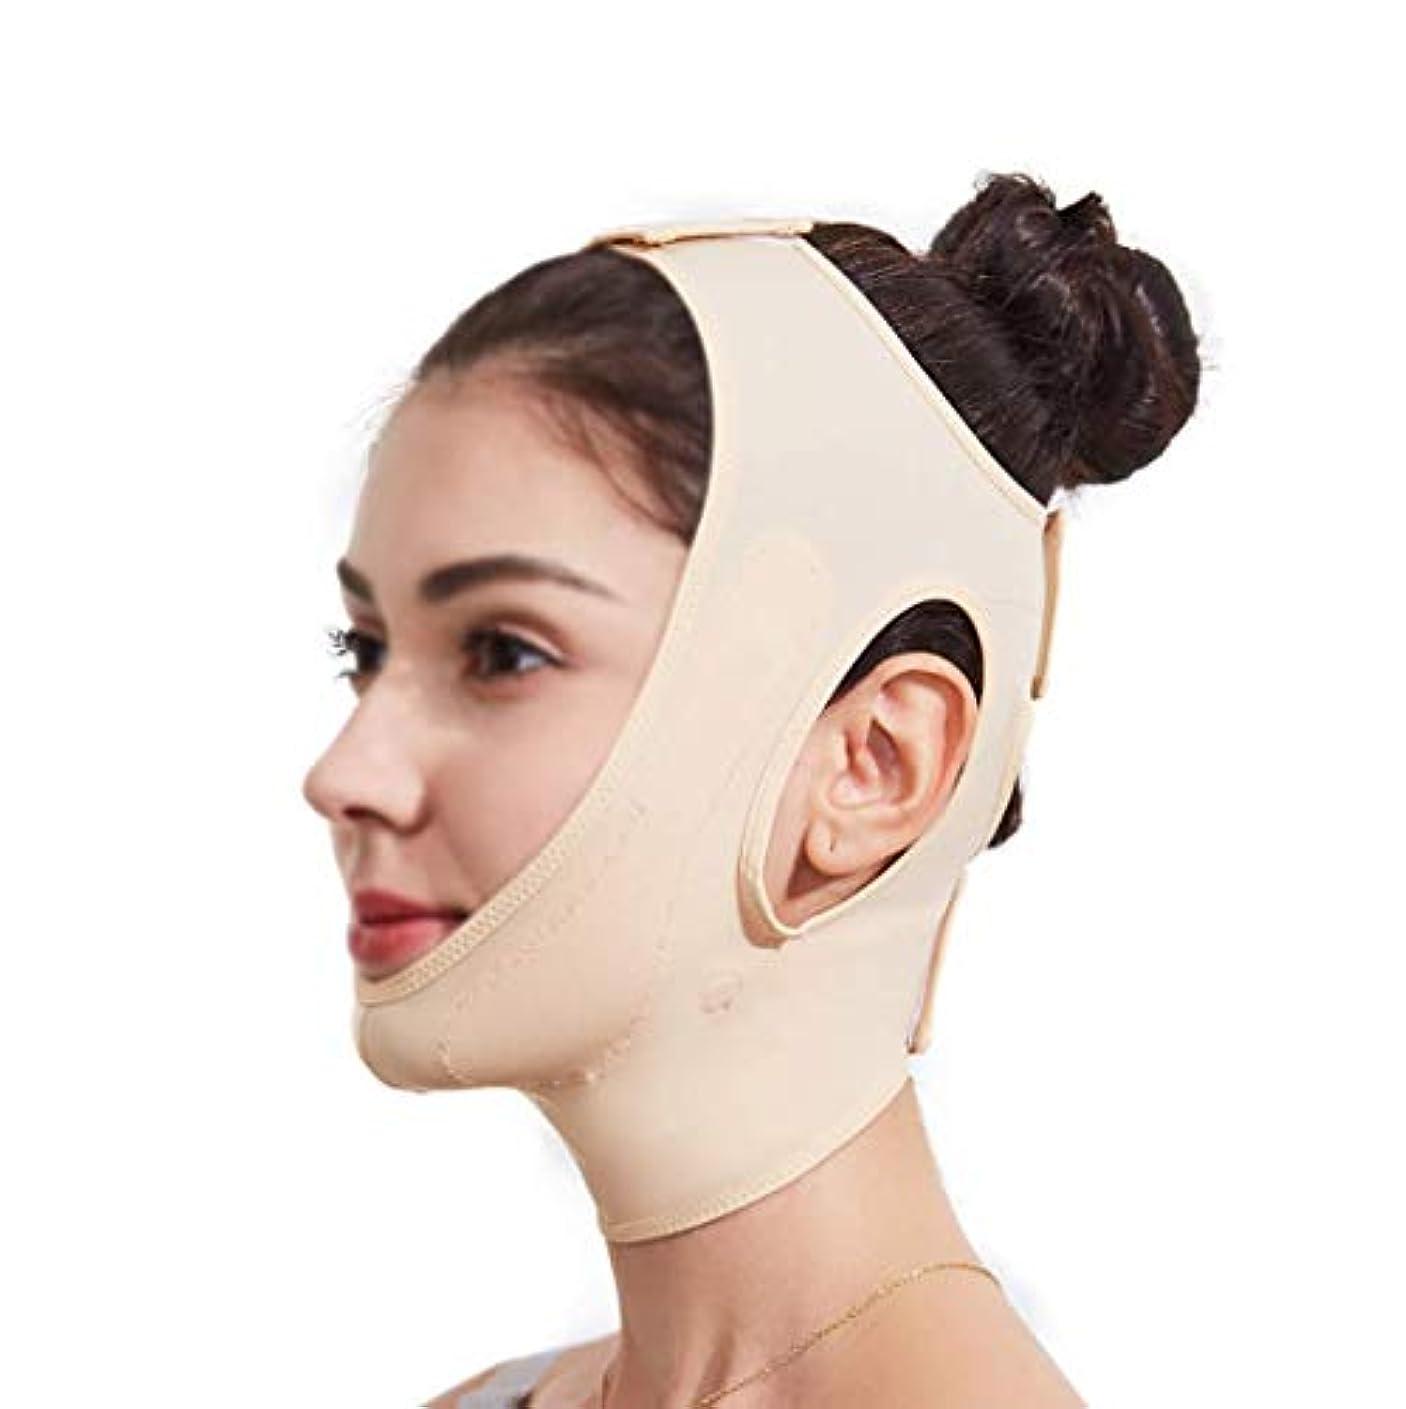 文房具最適欲望フェイスリフティングマスク、360°オールラウンドリフティングフェイシャルコンター、あごを閉じて肌を引き締め、快適でフェイスライトをサポートし、通気性を保ちます(サイズ:ブラック),肌の色